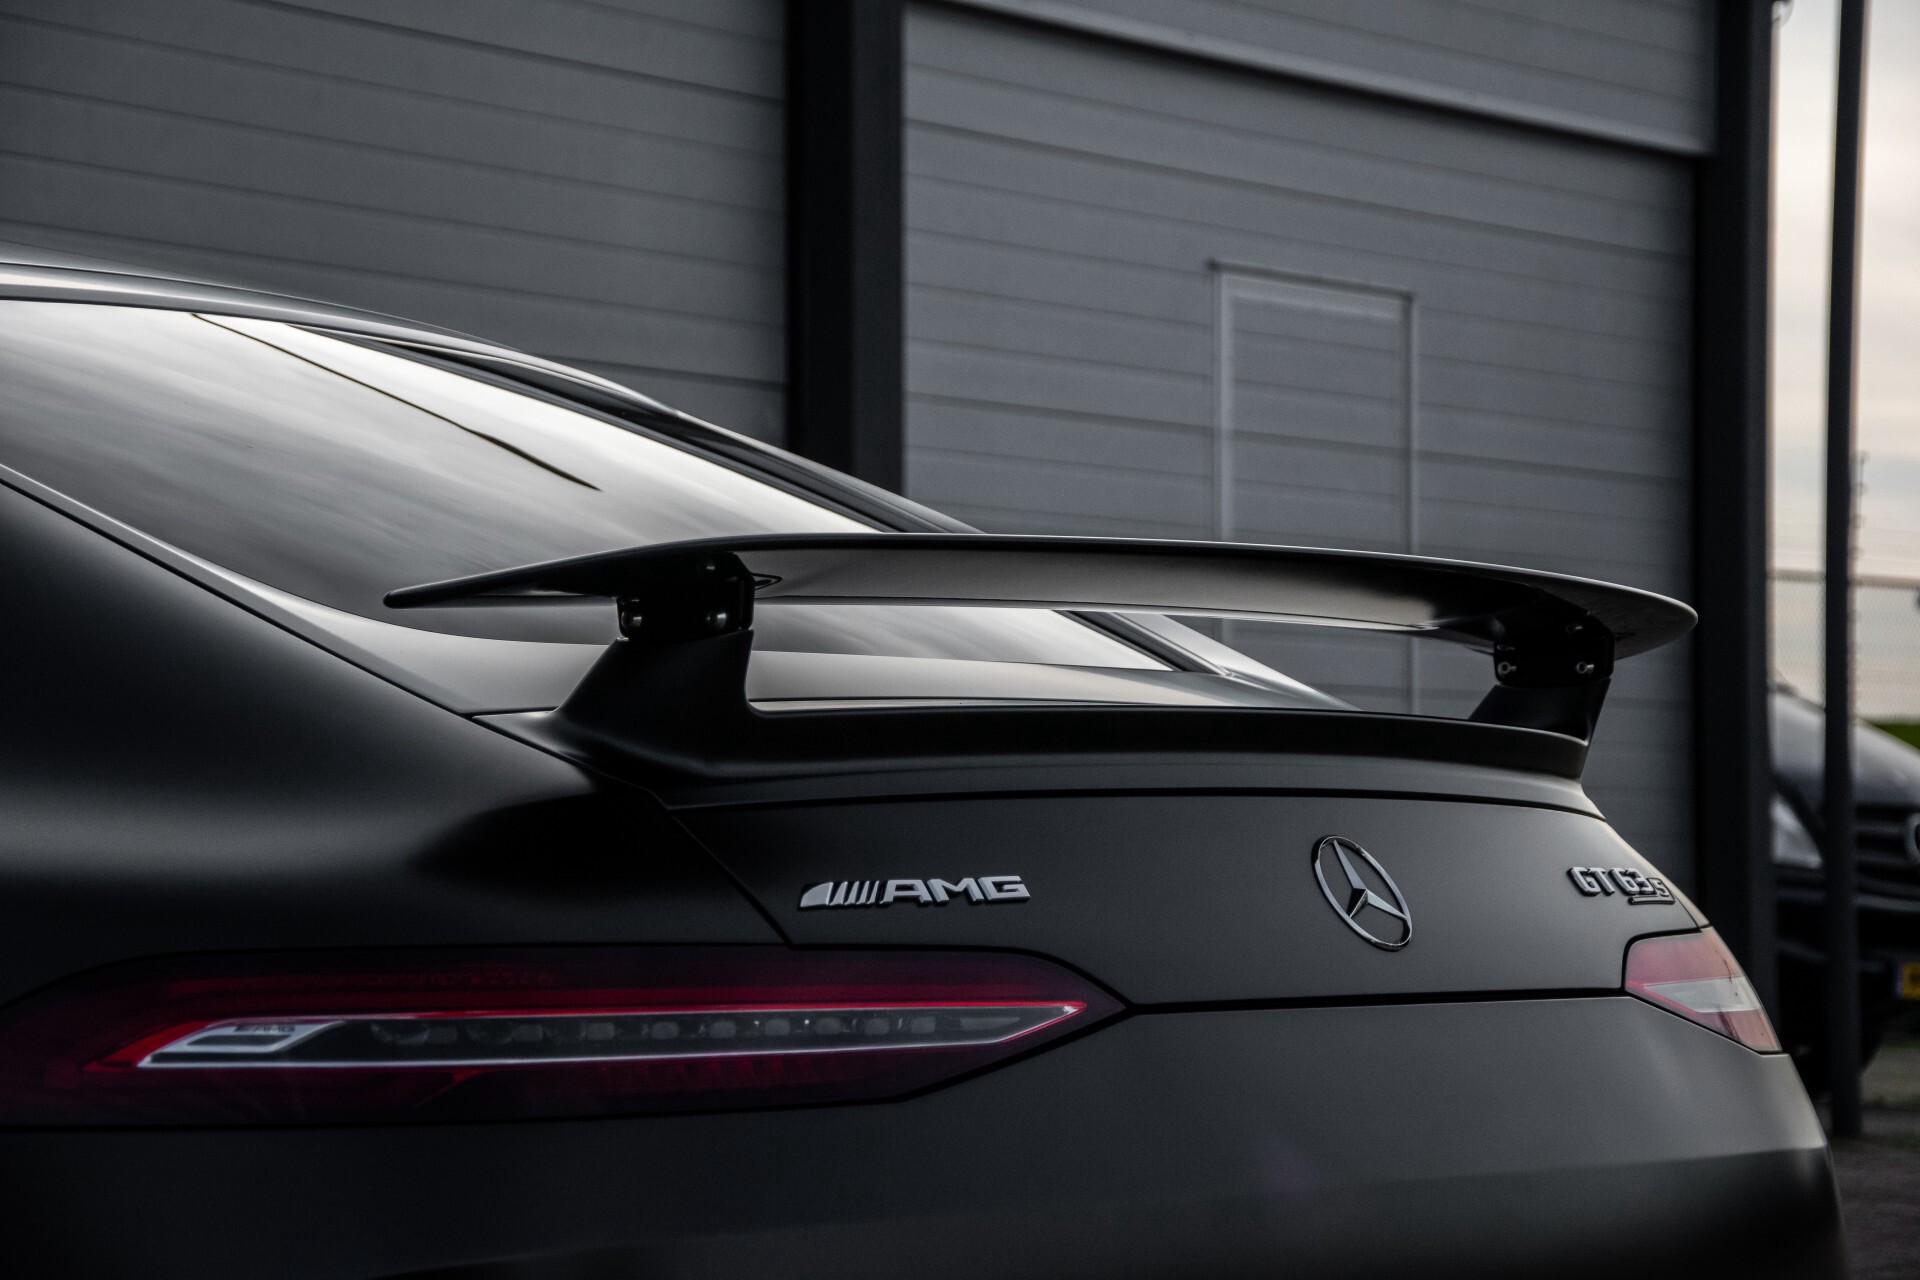 Mercedes-Benz AMG GT 4-Door Coupe 63 S 4M+ Keramisch/Full Carbon/Aerodynamica/Burmester 3D/TV/Performance stoelen/Standkachel Aut9 Foto 76